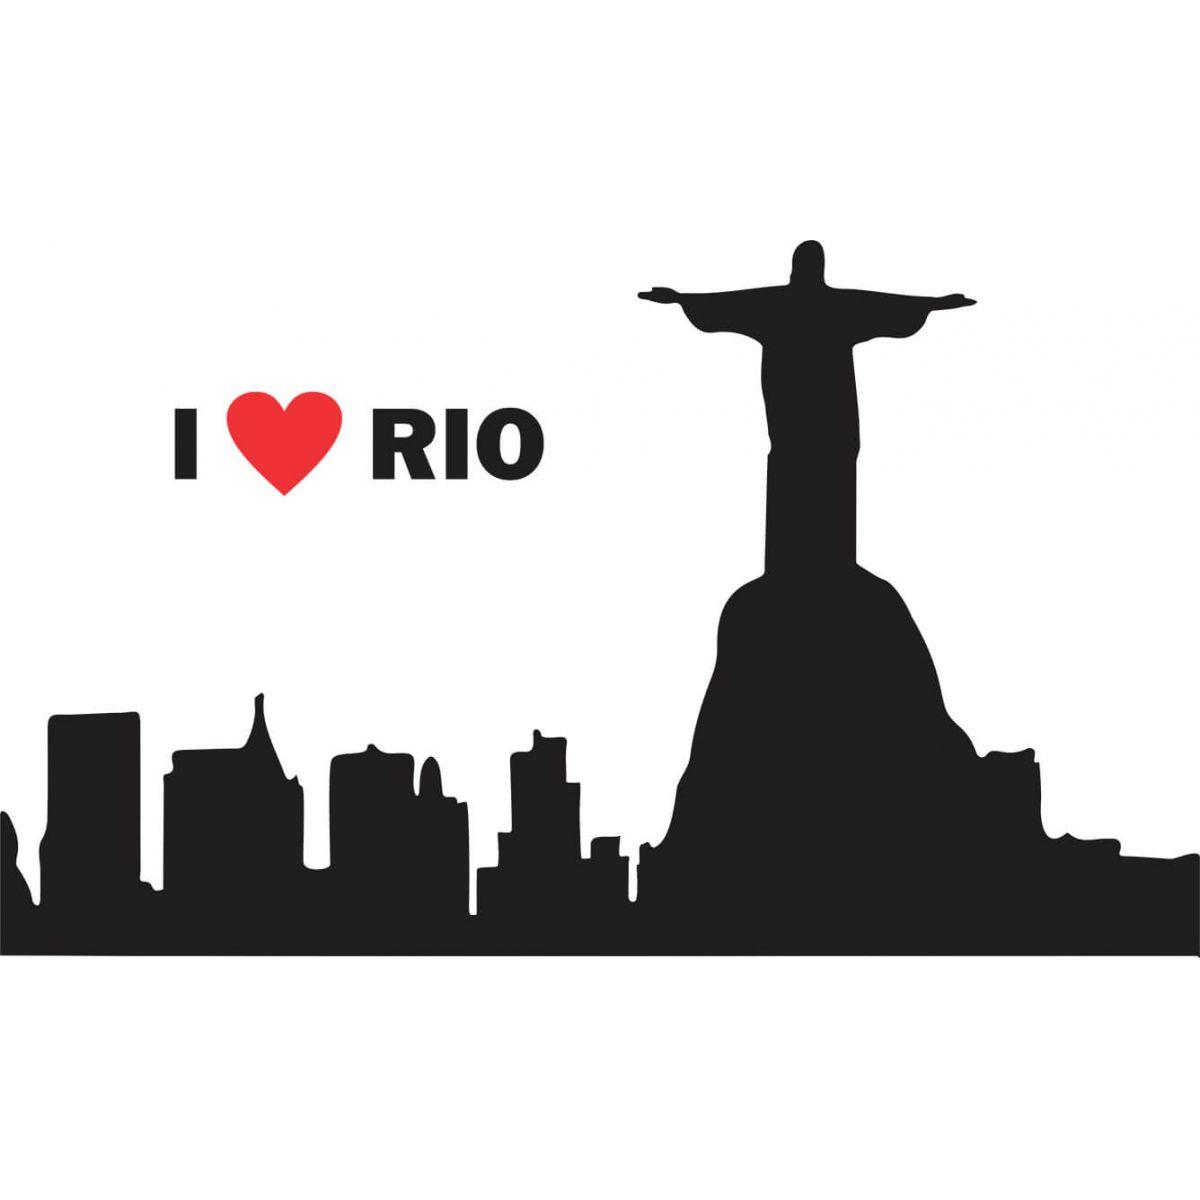 Adesivo de Parede I Love Rio